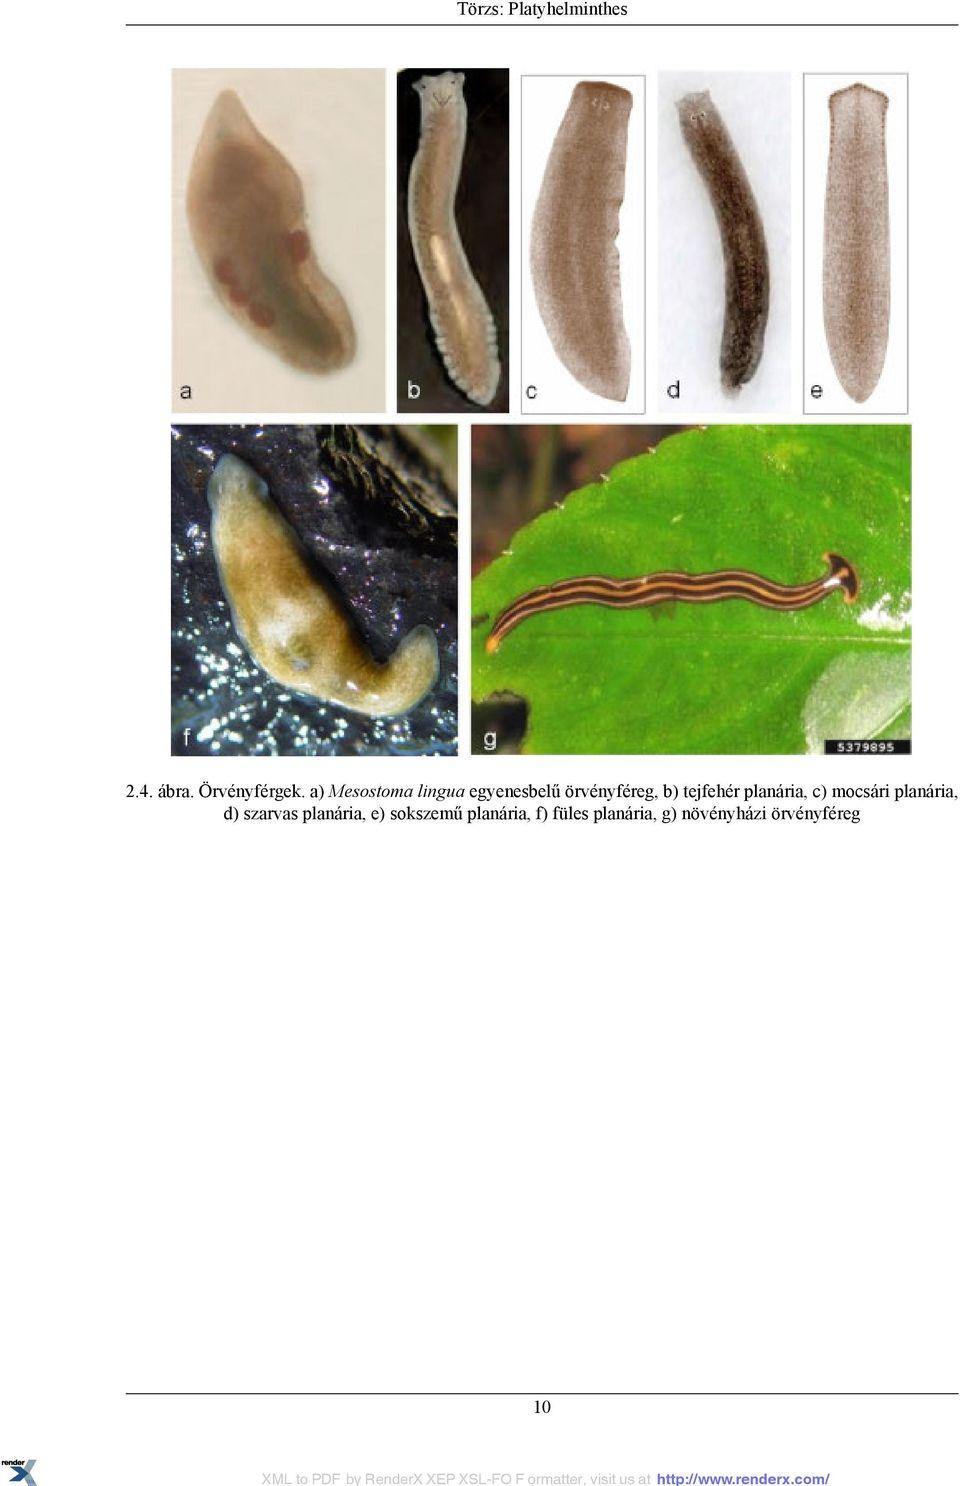 mi segít a férgeknek a férgekben a paraziták kezelésének egyik módja